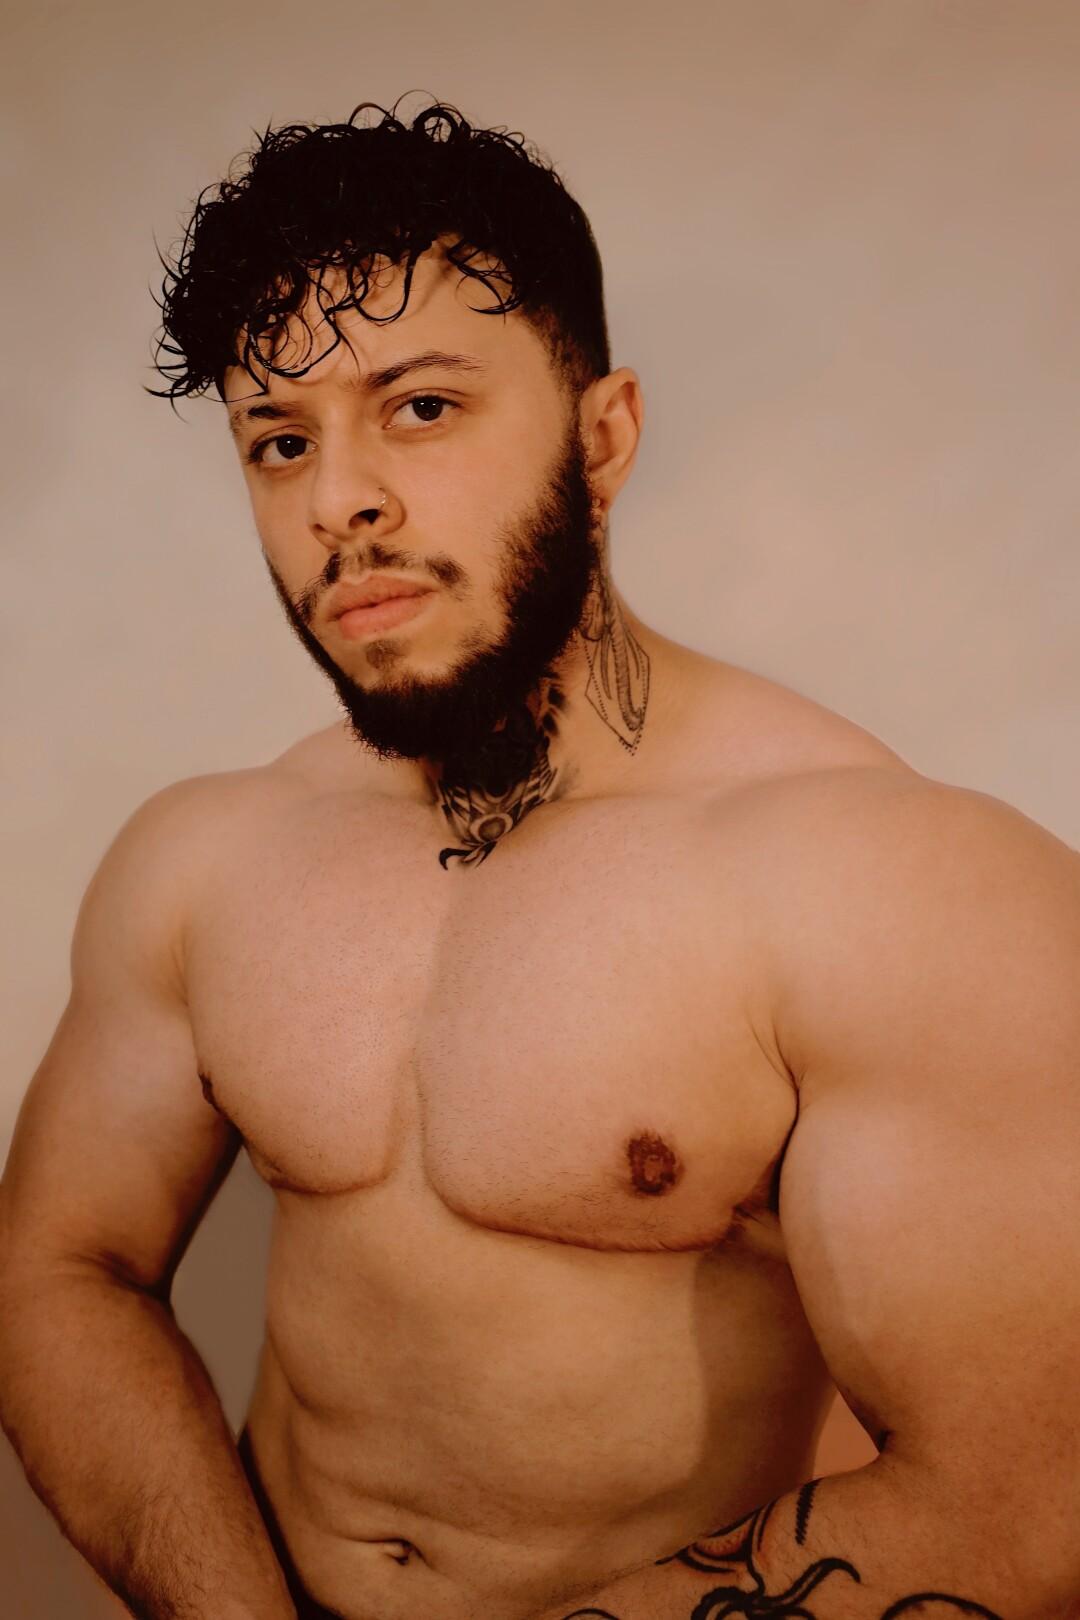 Bodybuilder Ajay Holbrook.